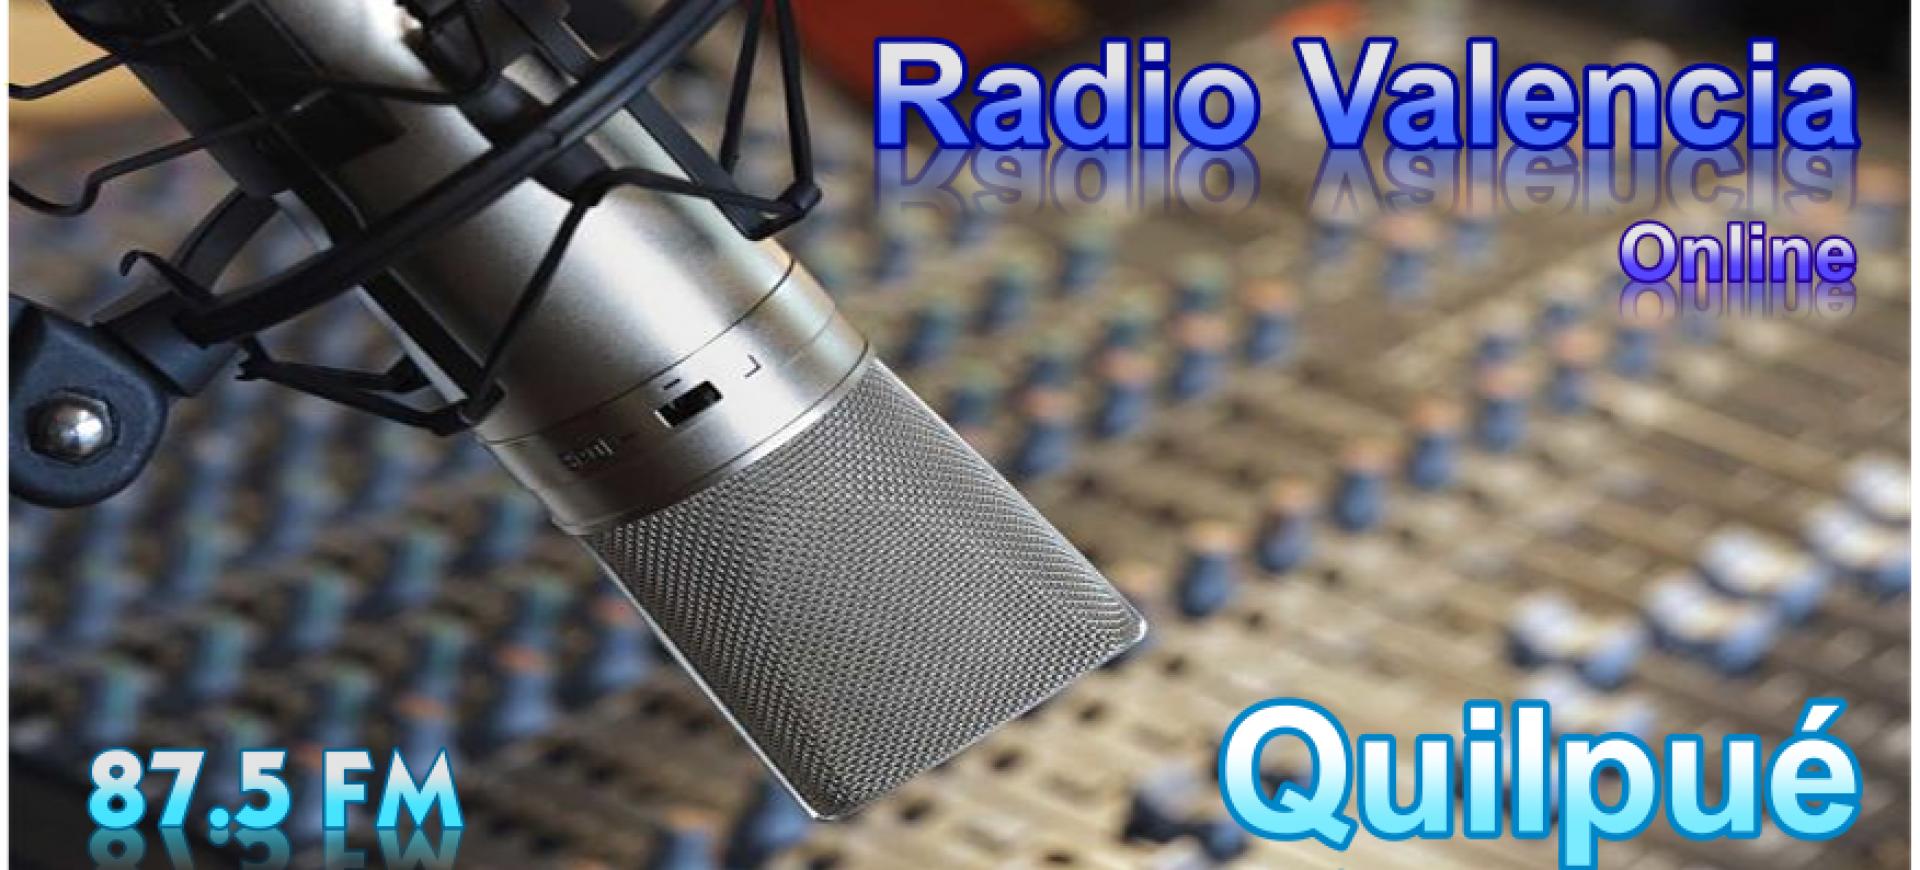 Radio Valencia Online en quilpué